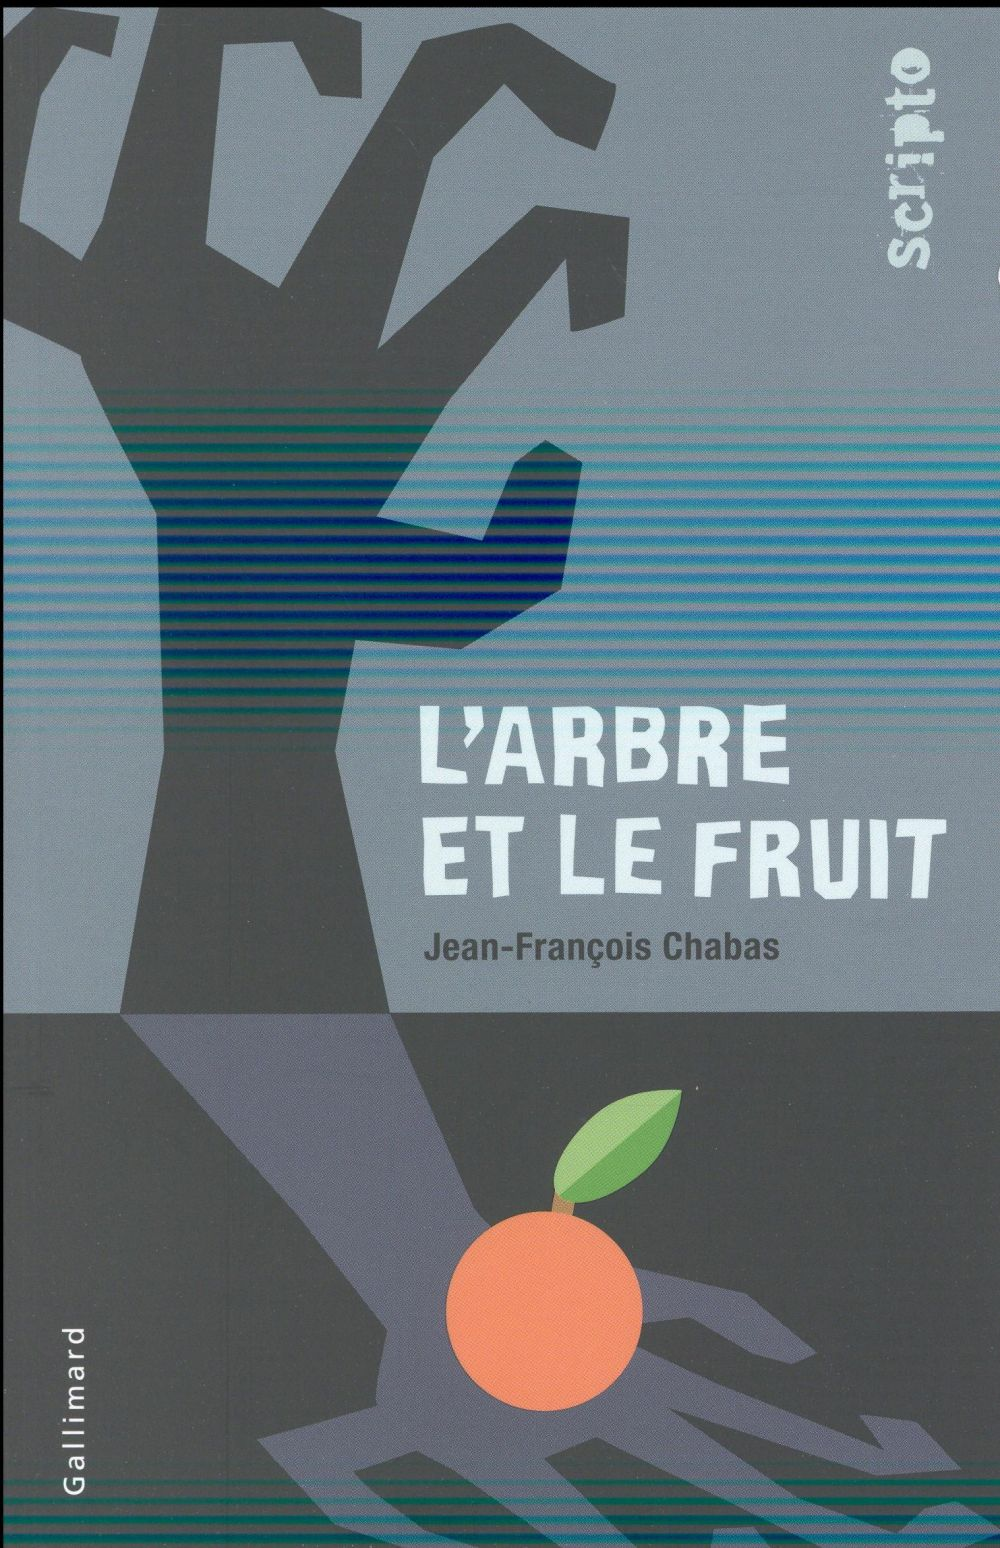 L'ARBRE ET LE FRUIT CHABAS JEAN-FRANCOIS Gallimard-Jeunesse